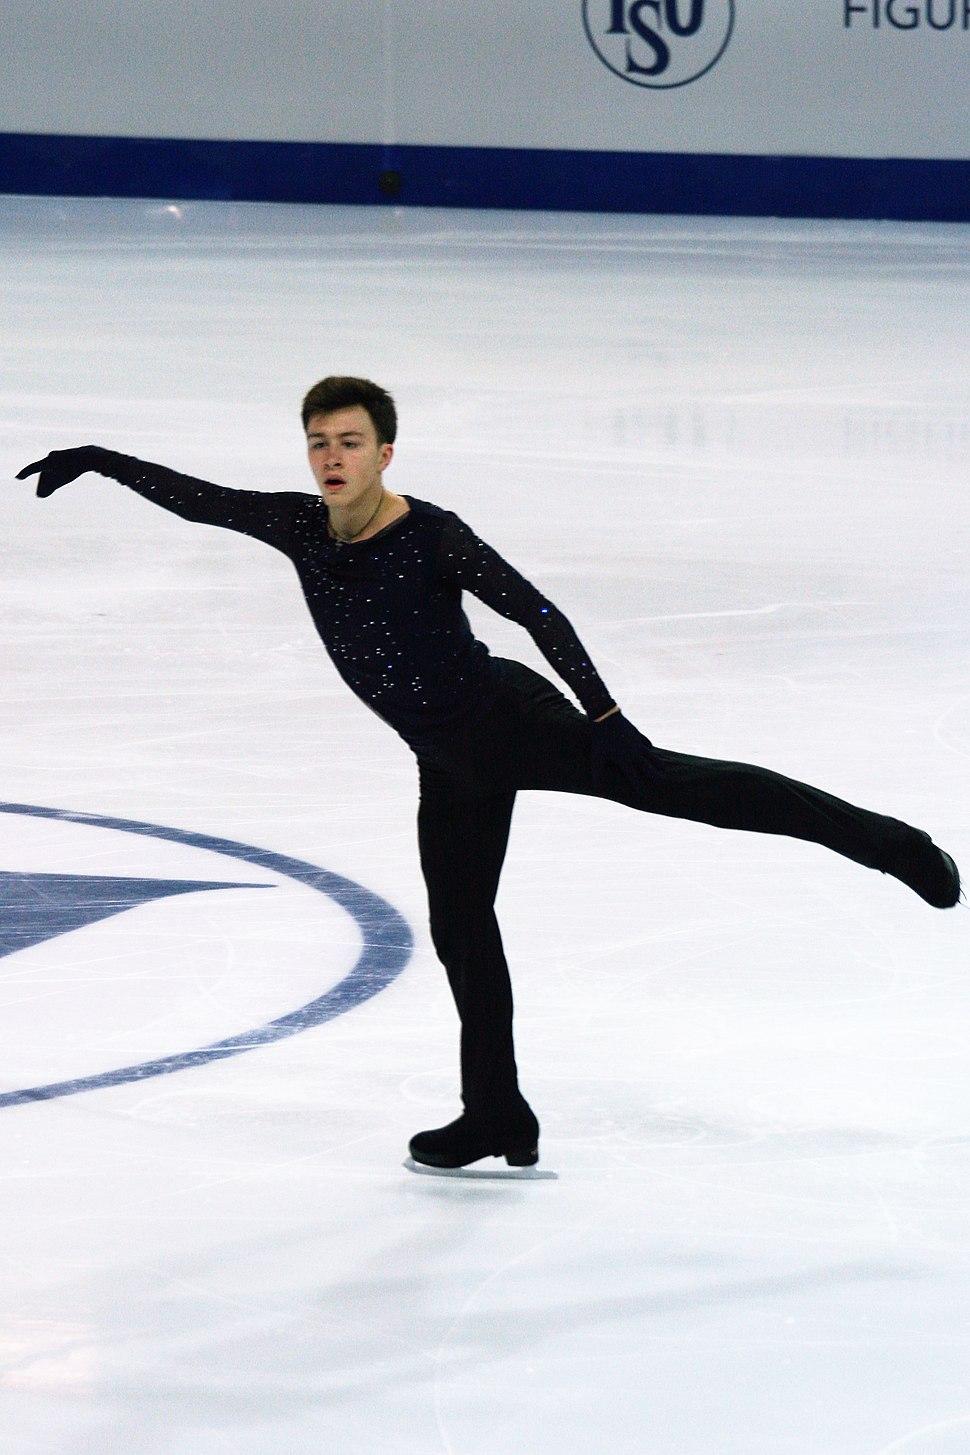 2016 Grand Prix of Figure Skating Final Dmitri Aliev IMG 3692